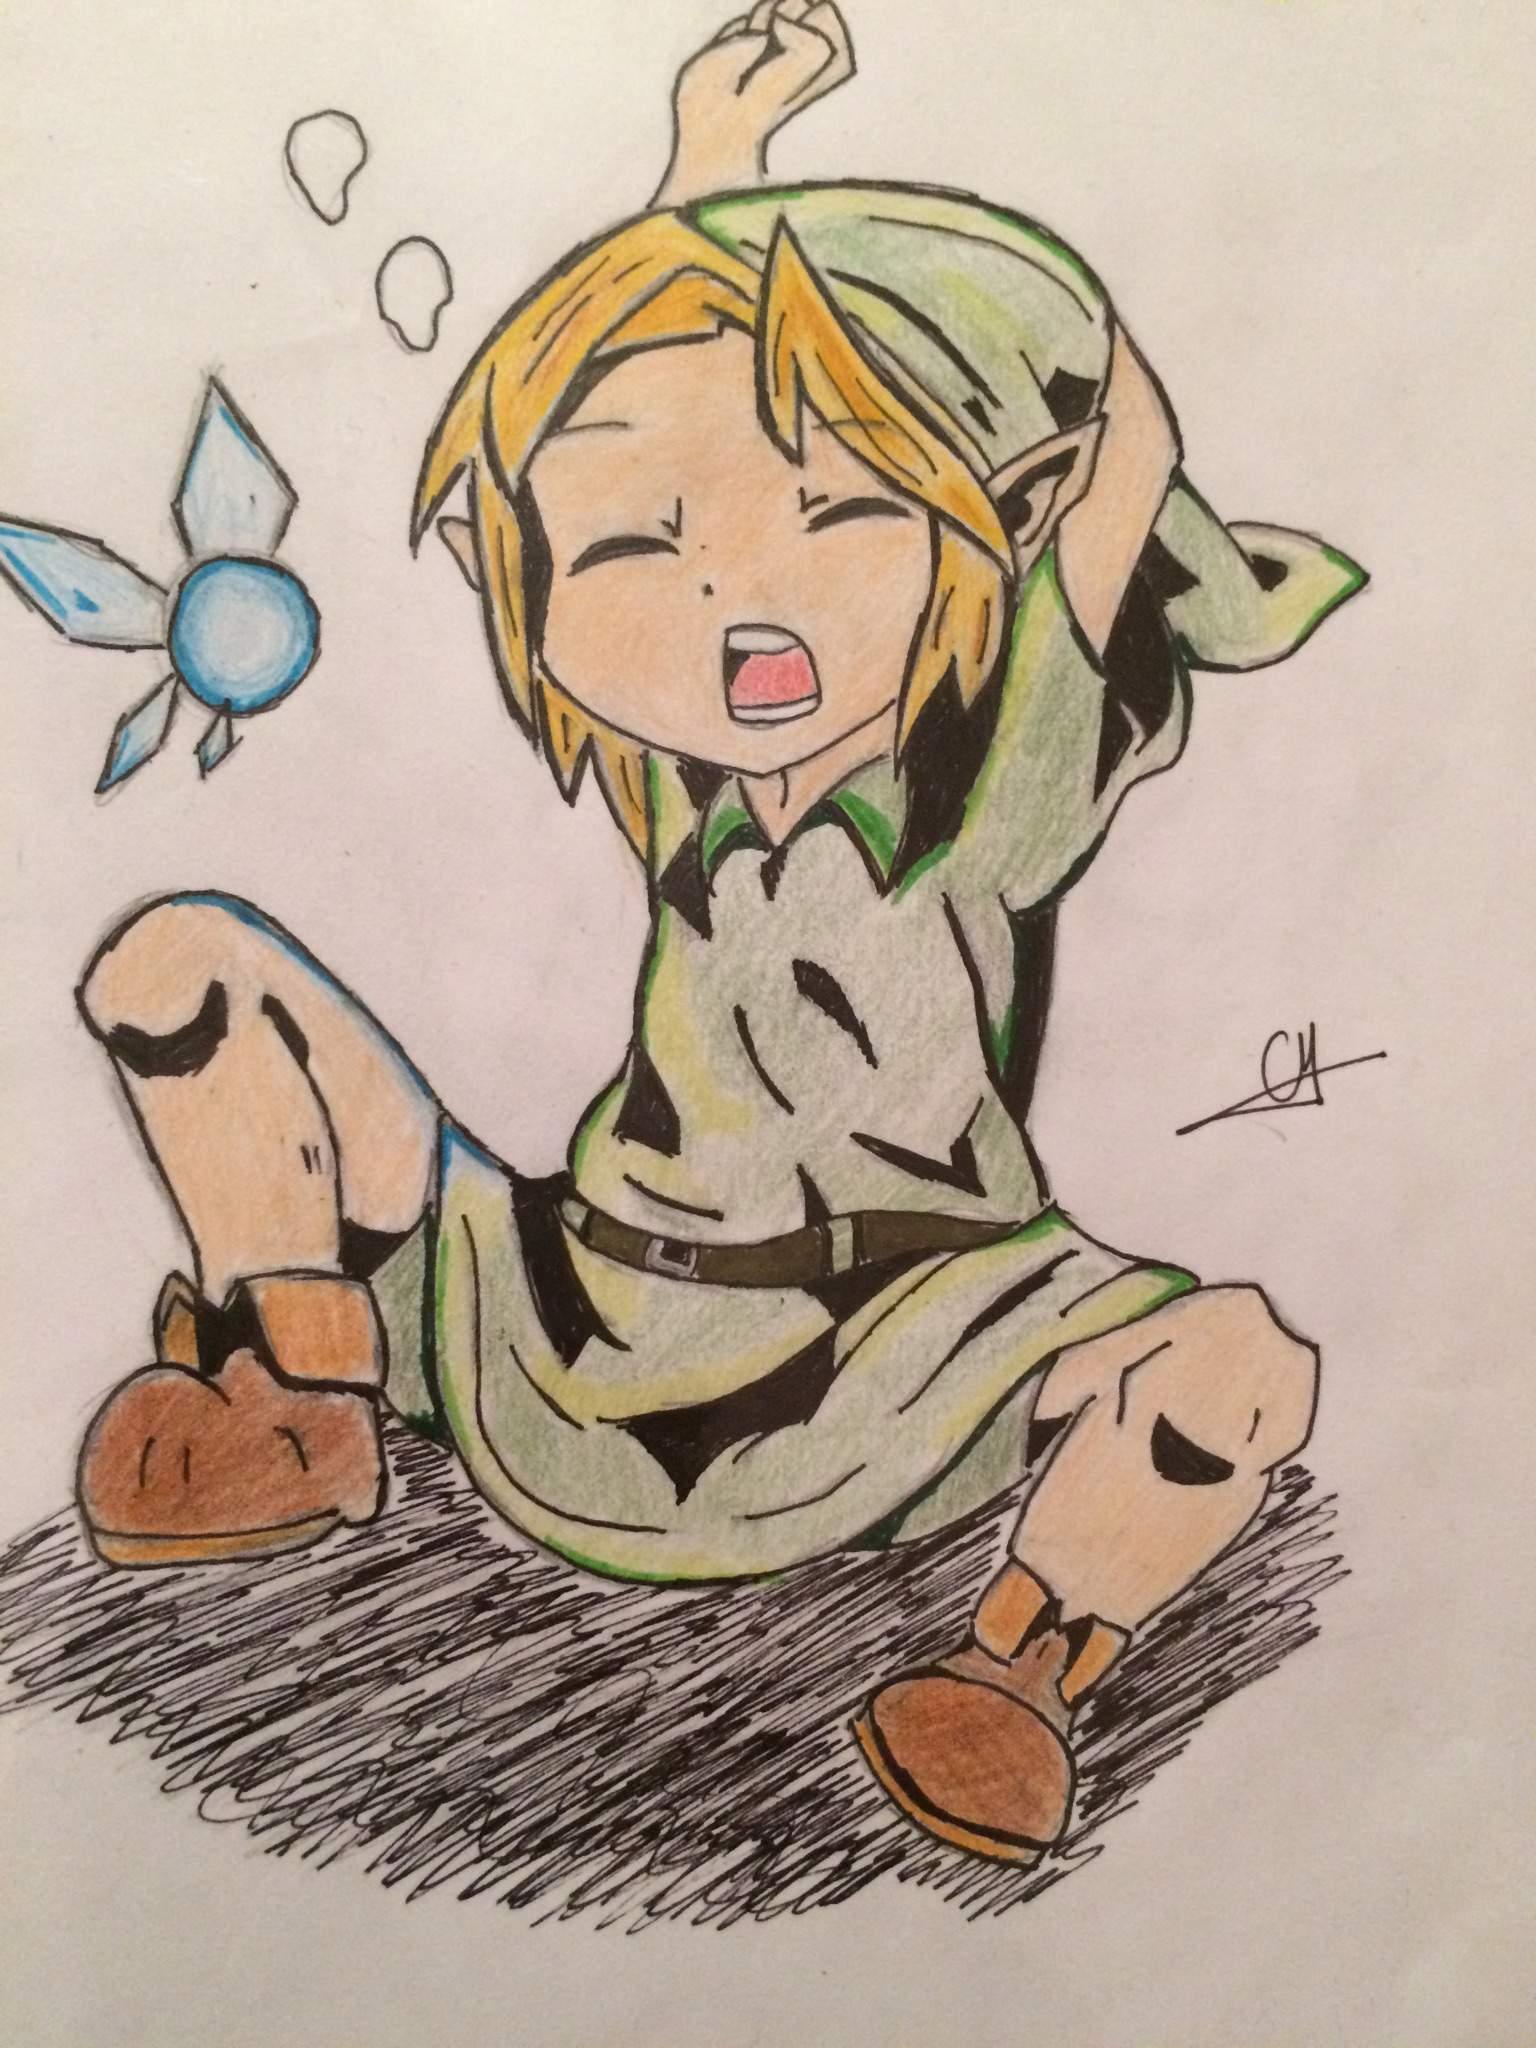 Dessin De Link Chibi The Legend Of Zelda Francais Amino